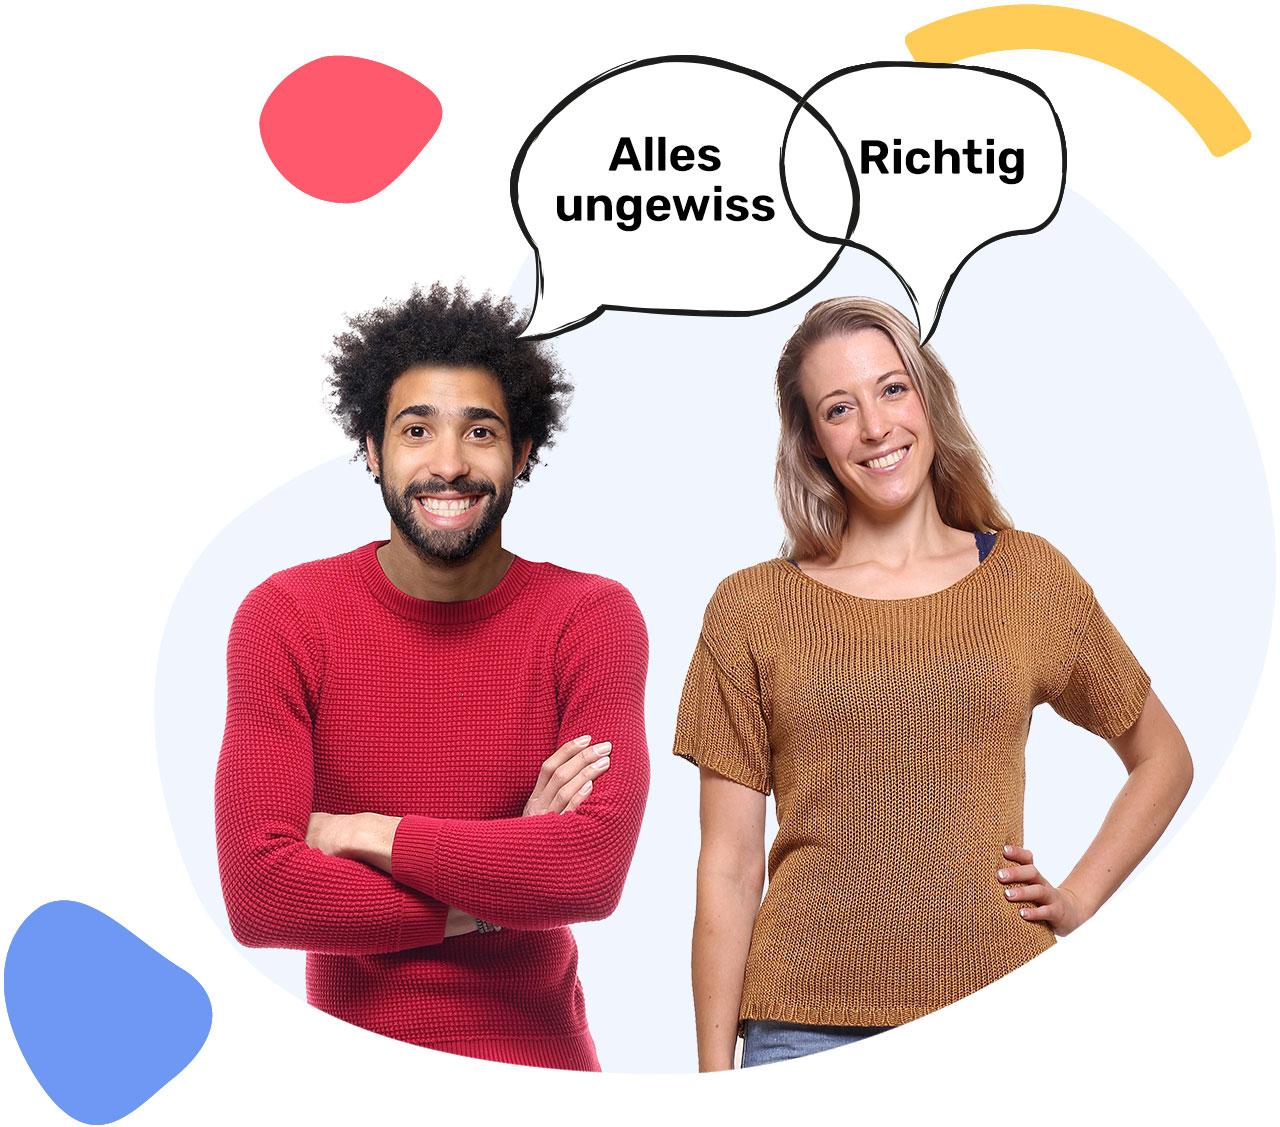 tzoum-impsulse-sozialkompetenz-als-staerke